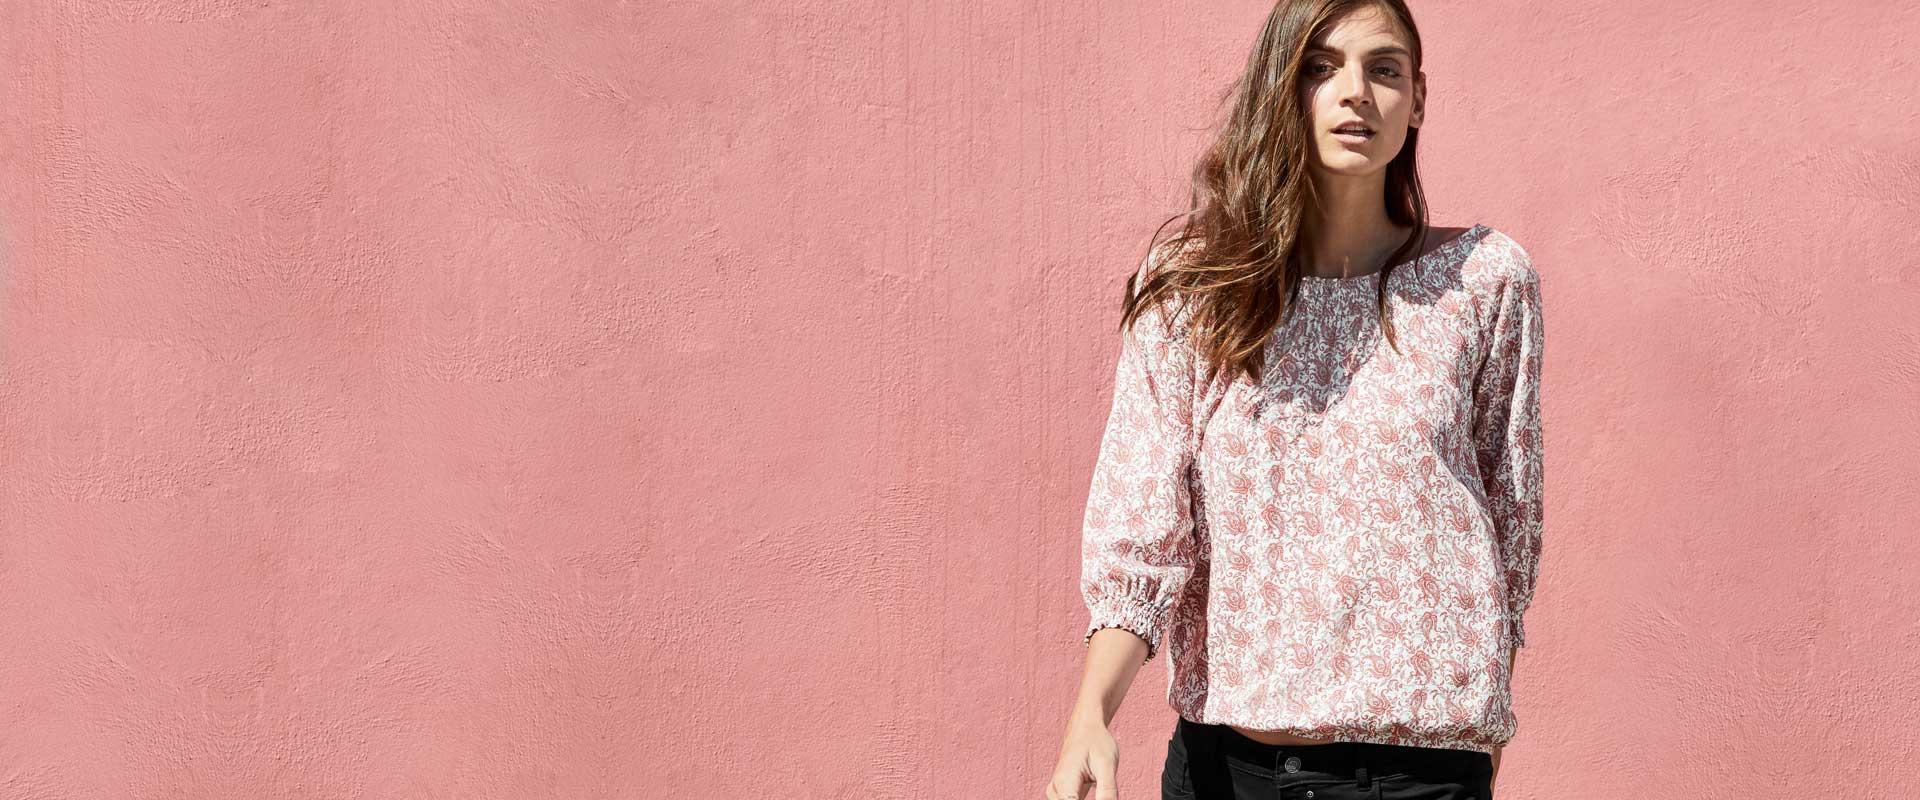 Styles mit Blumenspints kaufen | s.Oliver Shop